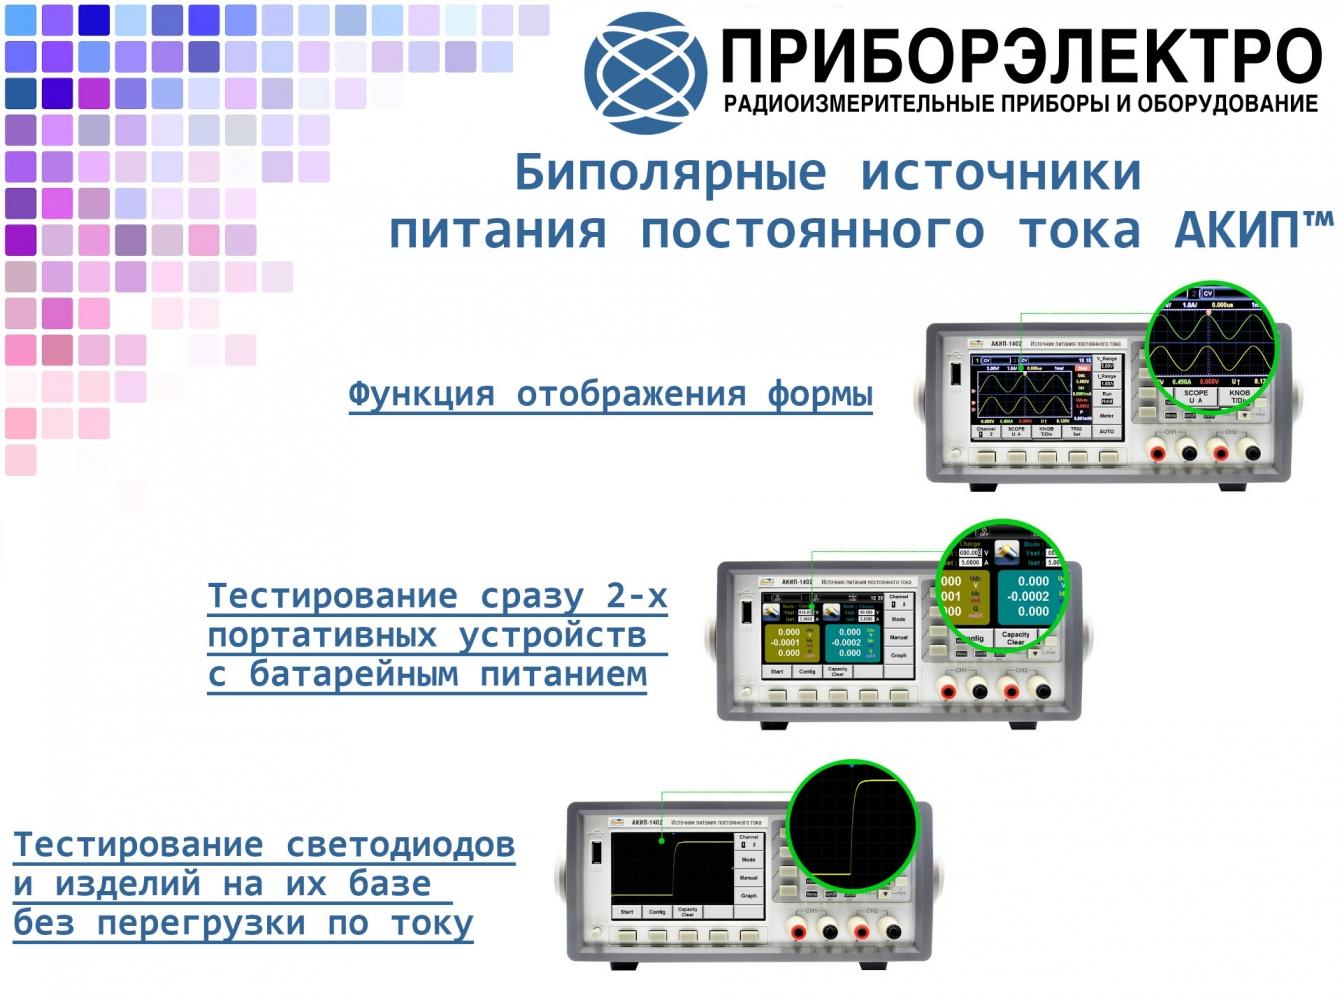 Биполярные источники питания постоянного тока АКИП™: АКИП-1401/АКИП-1402/АКИП-1403